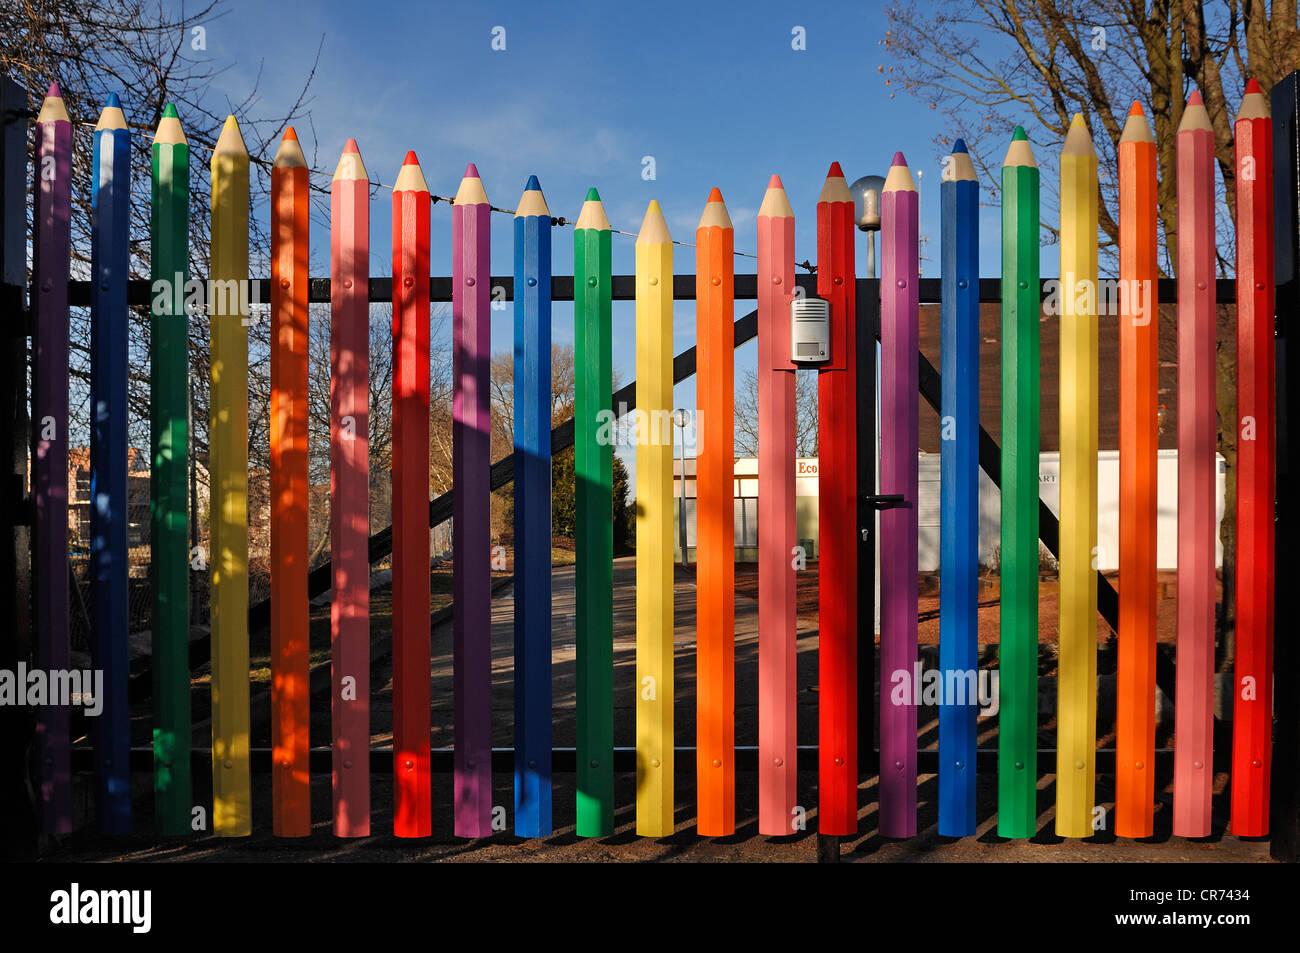 Large coloured pencils forming the gate of the A. Mozart School, Rue de l'Hôtel de Ville, Marckolsheim, - Stock Image